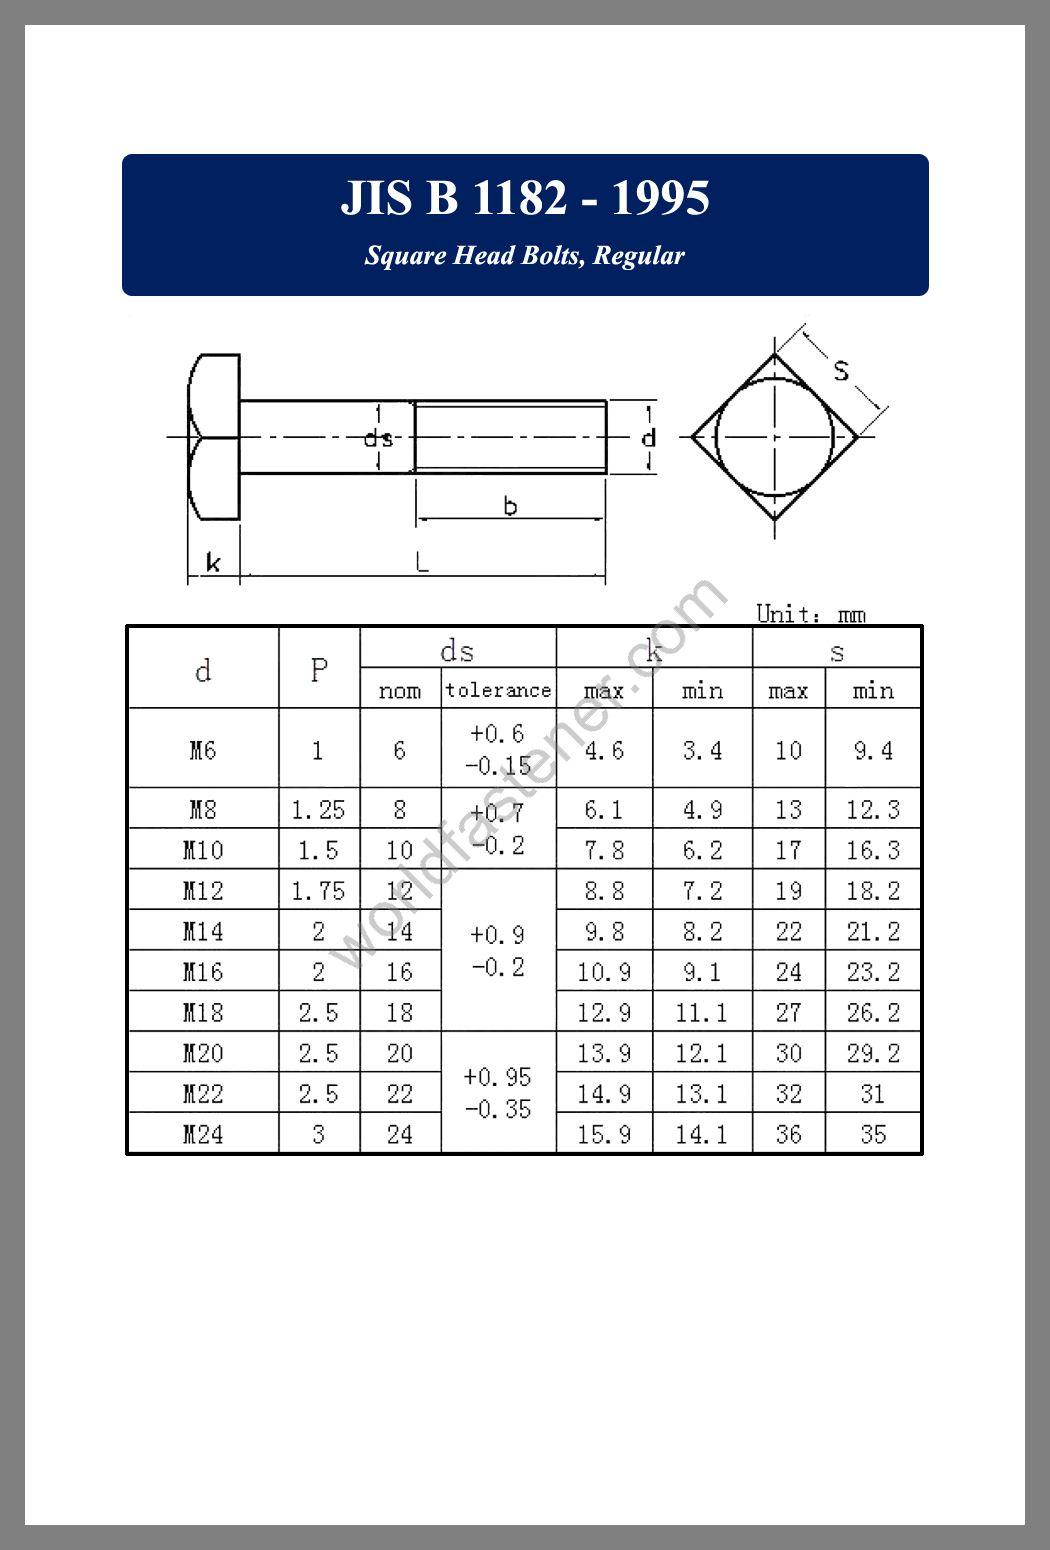 JIS B1182, JIS B1182 Square Head Bolts Regular, fastener, screw, bolt